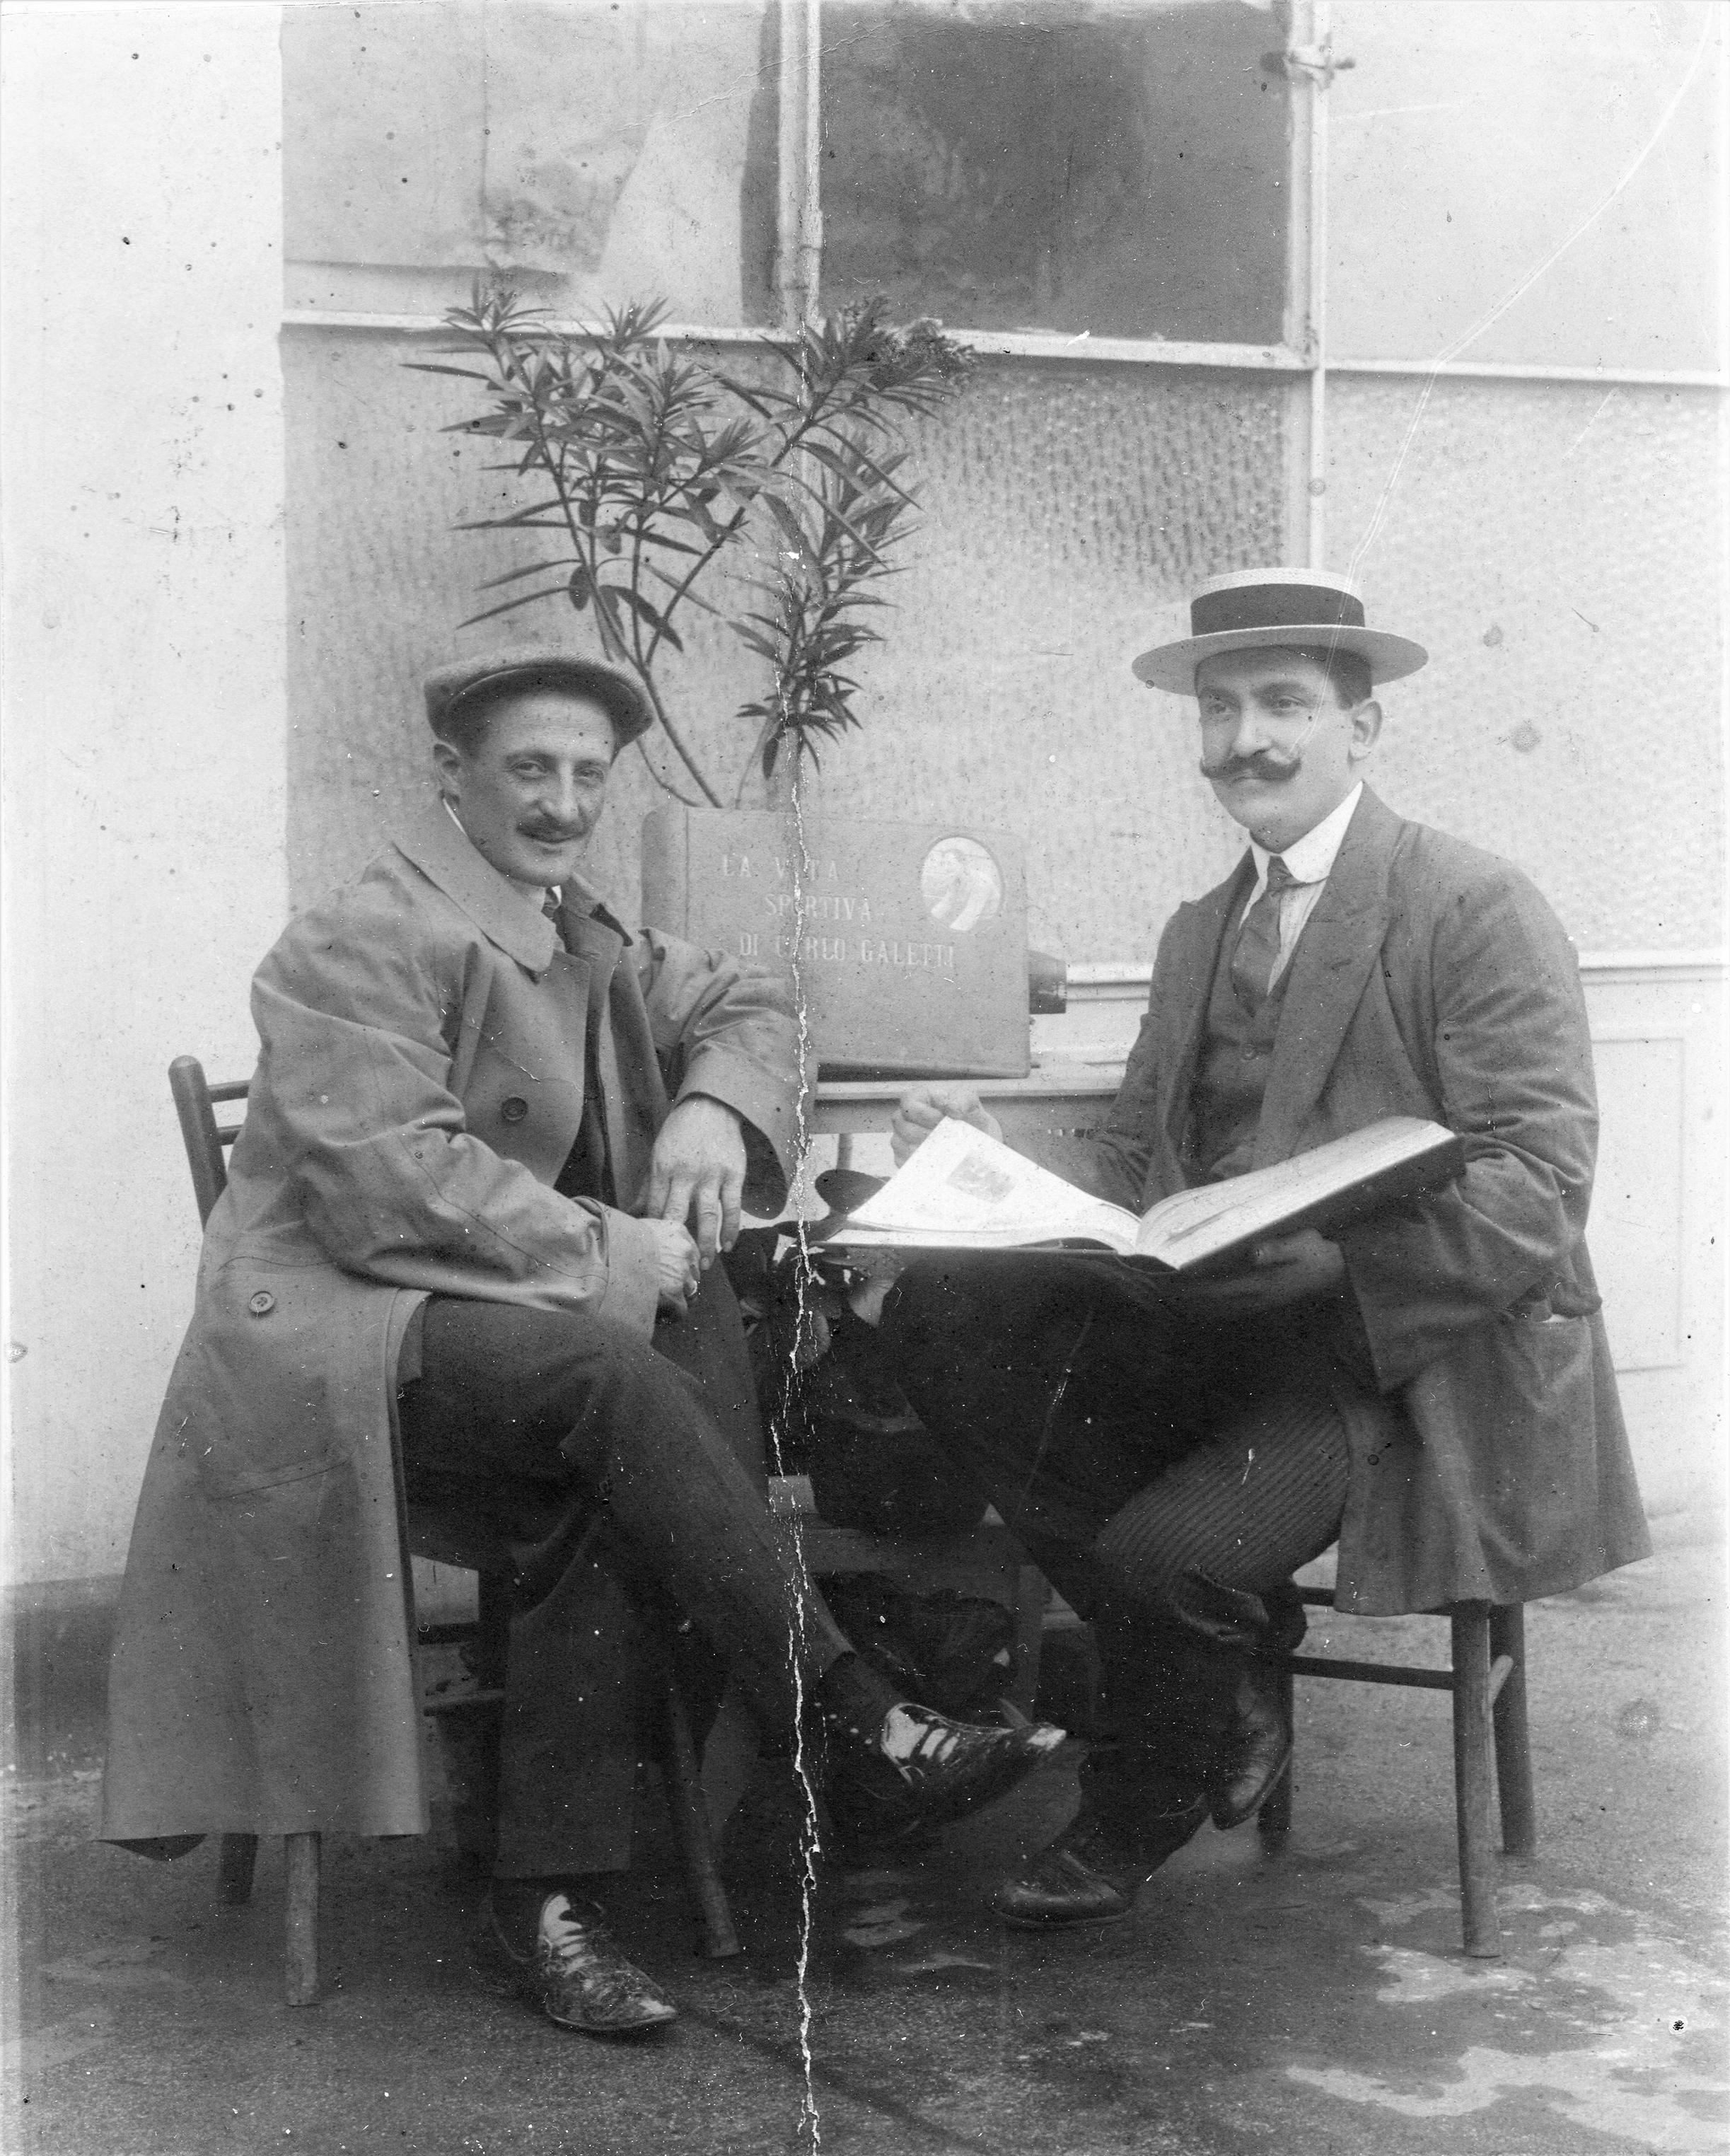 """1911 - Carlo Galetti ed Emilio Colombo, il giornalista autore del libro """"La vita sportiva di Carlo Galetti""""."""